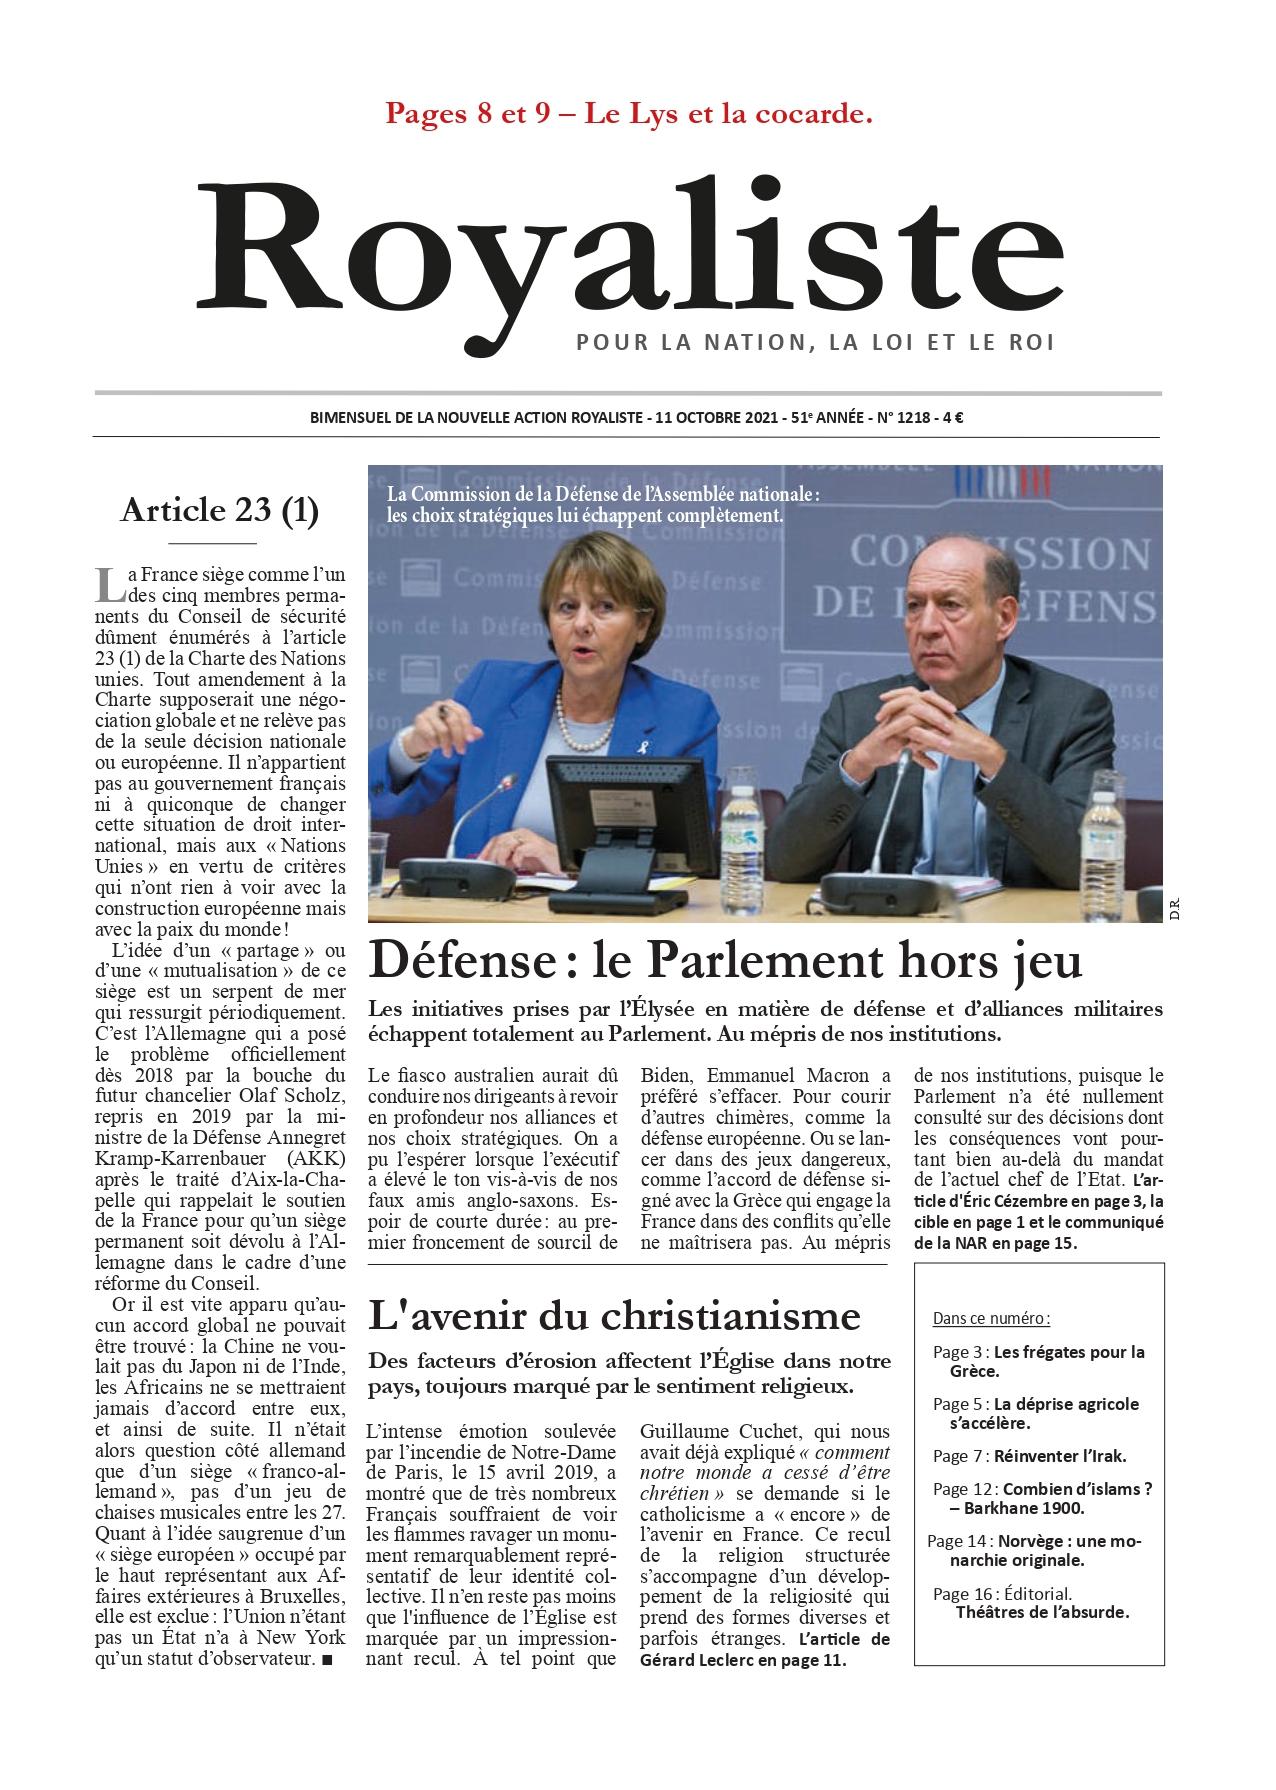 Défense : le Parlement hors jeu | La Nouvelle Action Royaliste